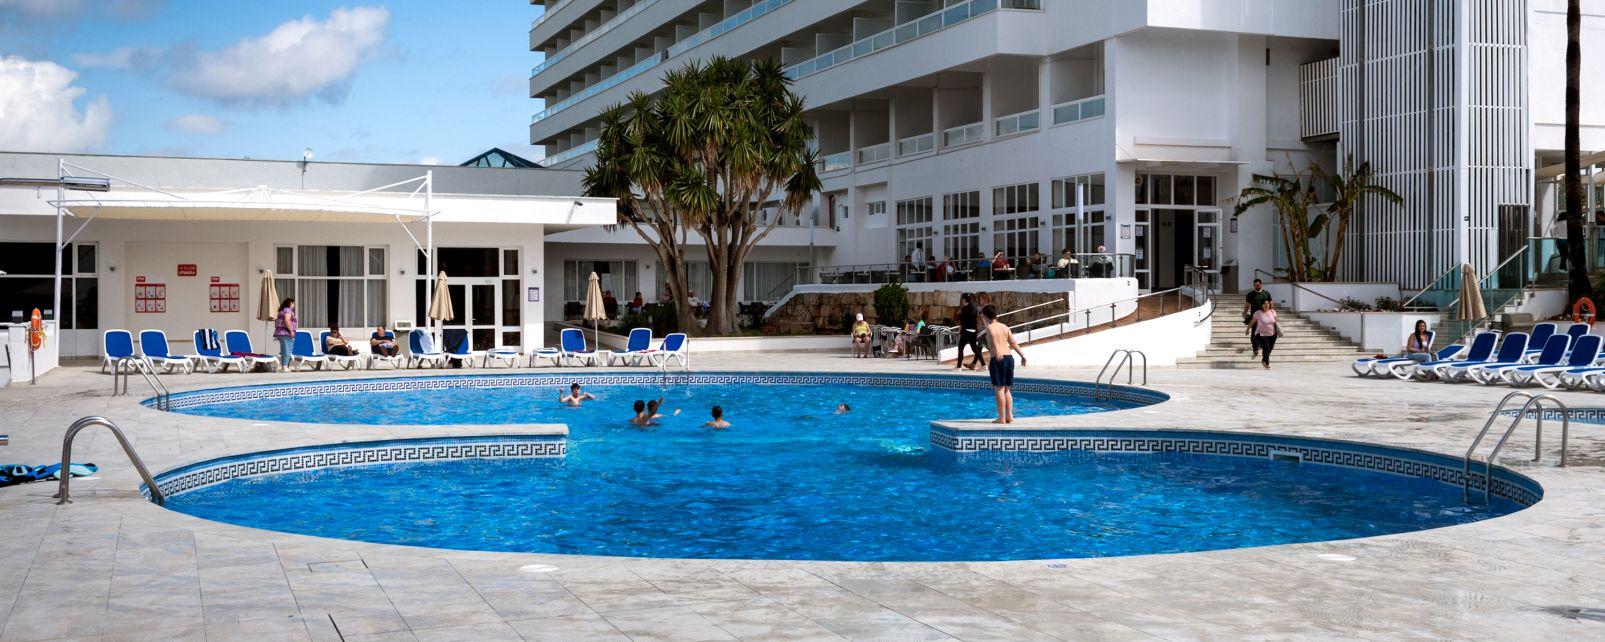 Calas De Mallorca Samoa Hotel